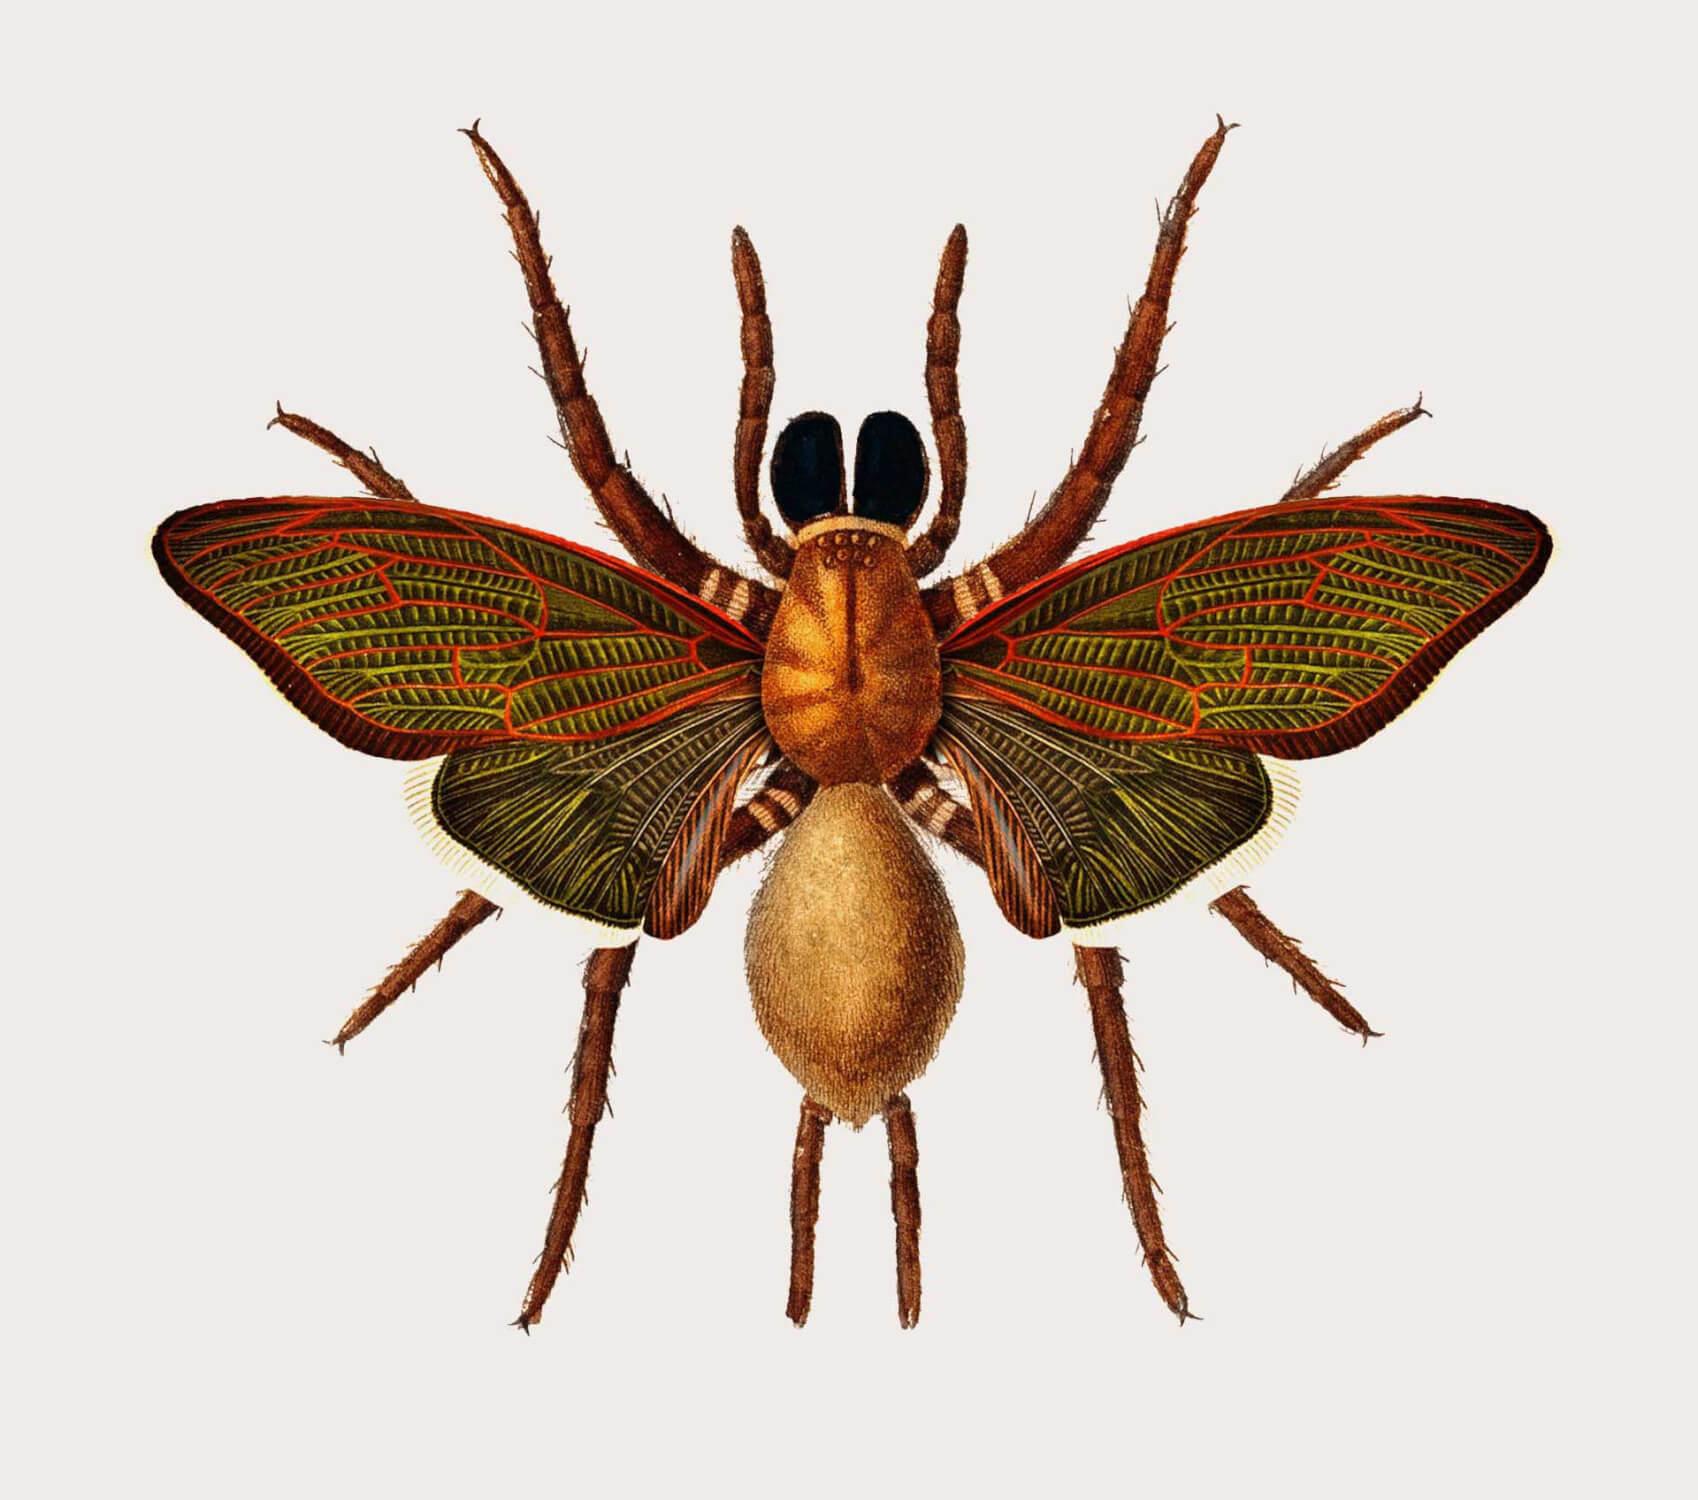 mosca mariposa especies creativas